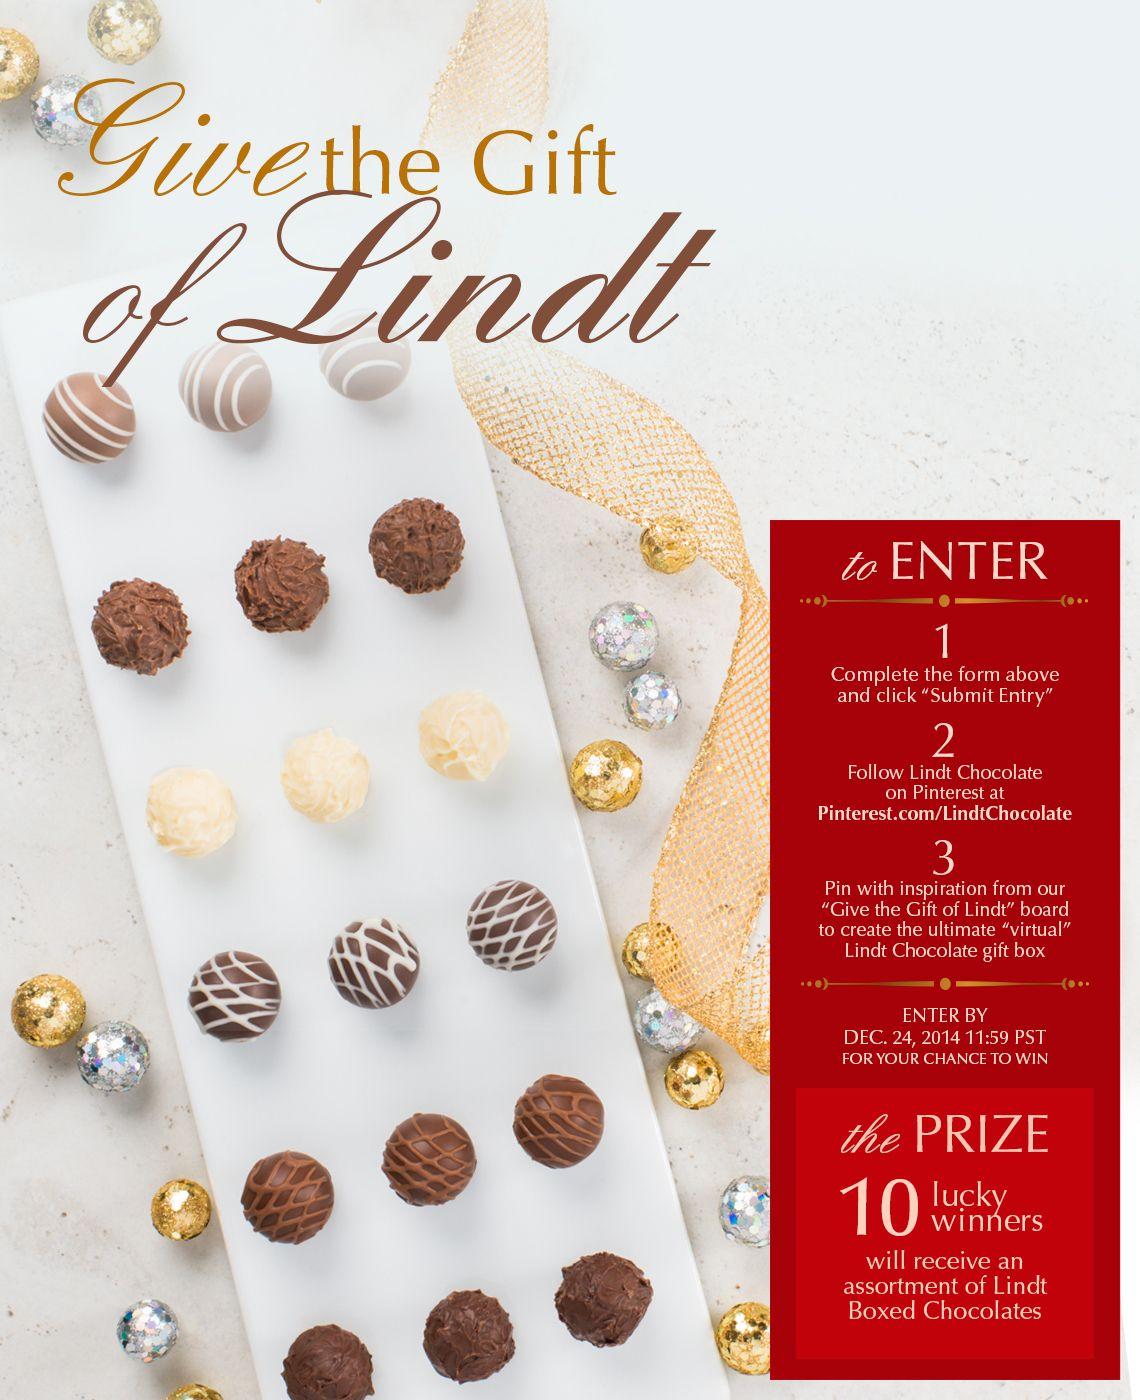 #LindtLove #GiftofLindt